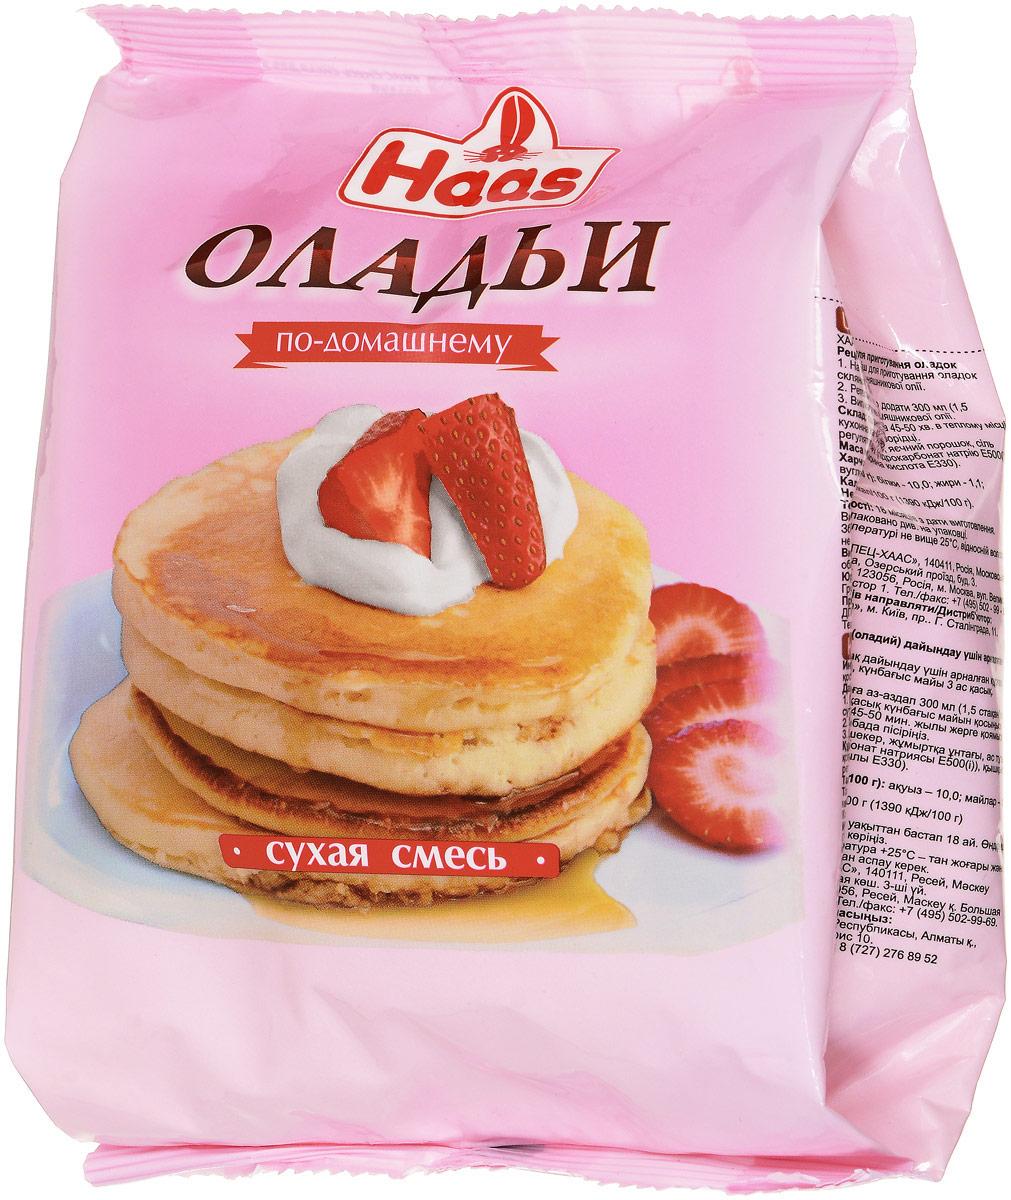 Haas смесь для оладий, 250 г228061Известно, что название оладьи в качестве определения кулинарного блюда употребляется с середины XVI столетия. Оладьи - это вкусное блюдо, которое можно приготовить быстро и без особых усилий. В зависимости от случая можно приготовить оладьи - закуску с чесноком или чесночным маслом, оладьи - второе блюдо (запекаемые с мясом под томатным соусом), и, безусловно, оладьи - десерт (с добавлением варенья, фруктов, сметаны, меда или даже сахара). Такое разнообразие возможно потому, что оладьи - это просто лепешки из хлебного, кислого или дрожжевого теста. С помощью смеси для приготовления оладий Haas вы сможете приготовить любимое блюдо еще быстрее. Уважаемые клиенты! Обращаем ваше внимание, что полный перечень состава продукта представлен на дополнительном изображении.